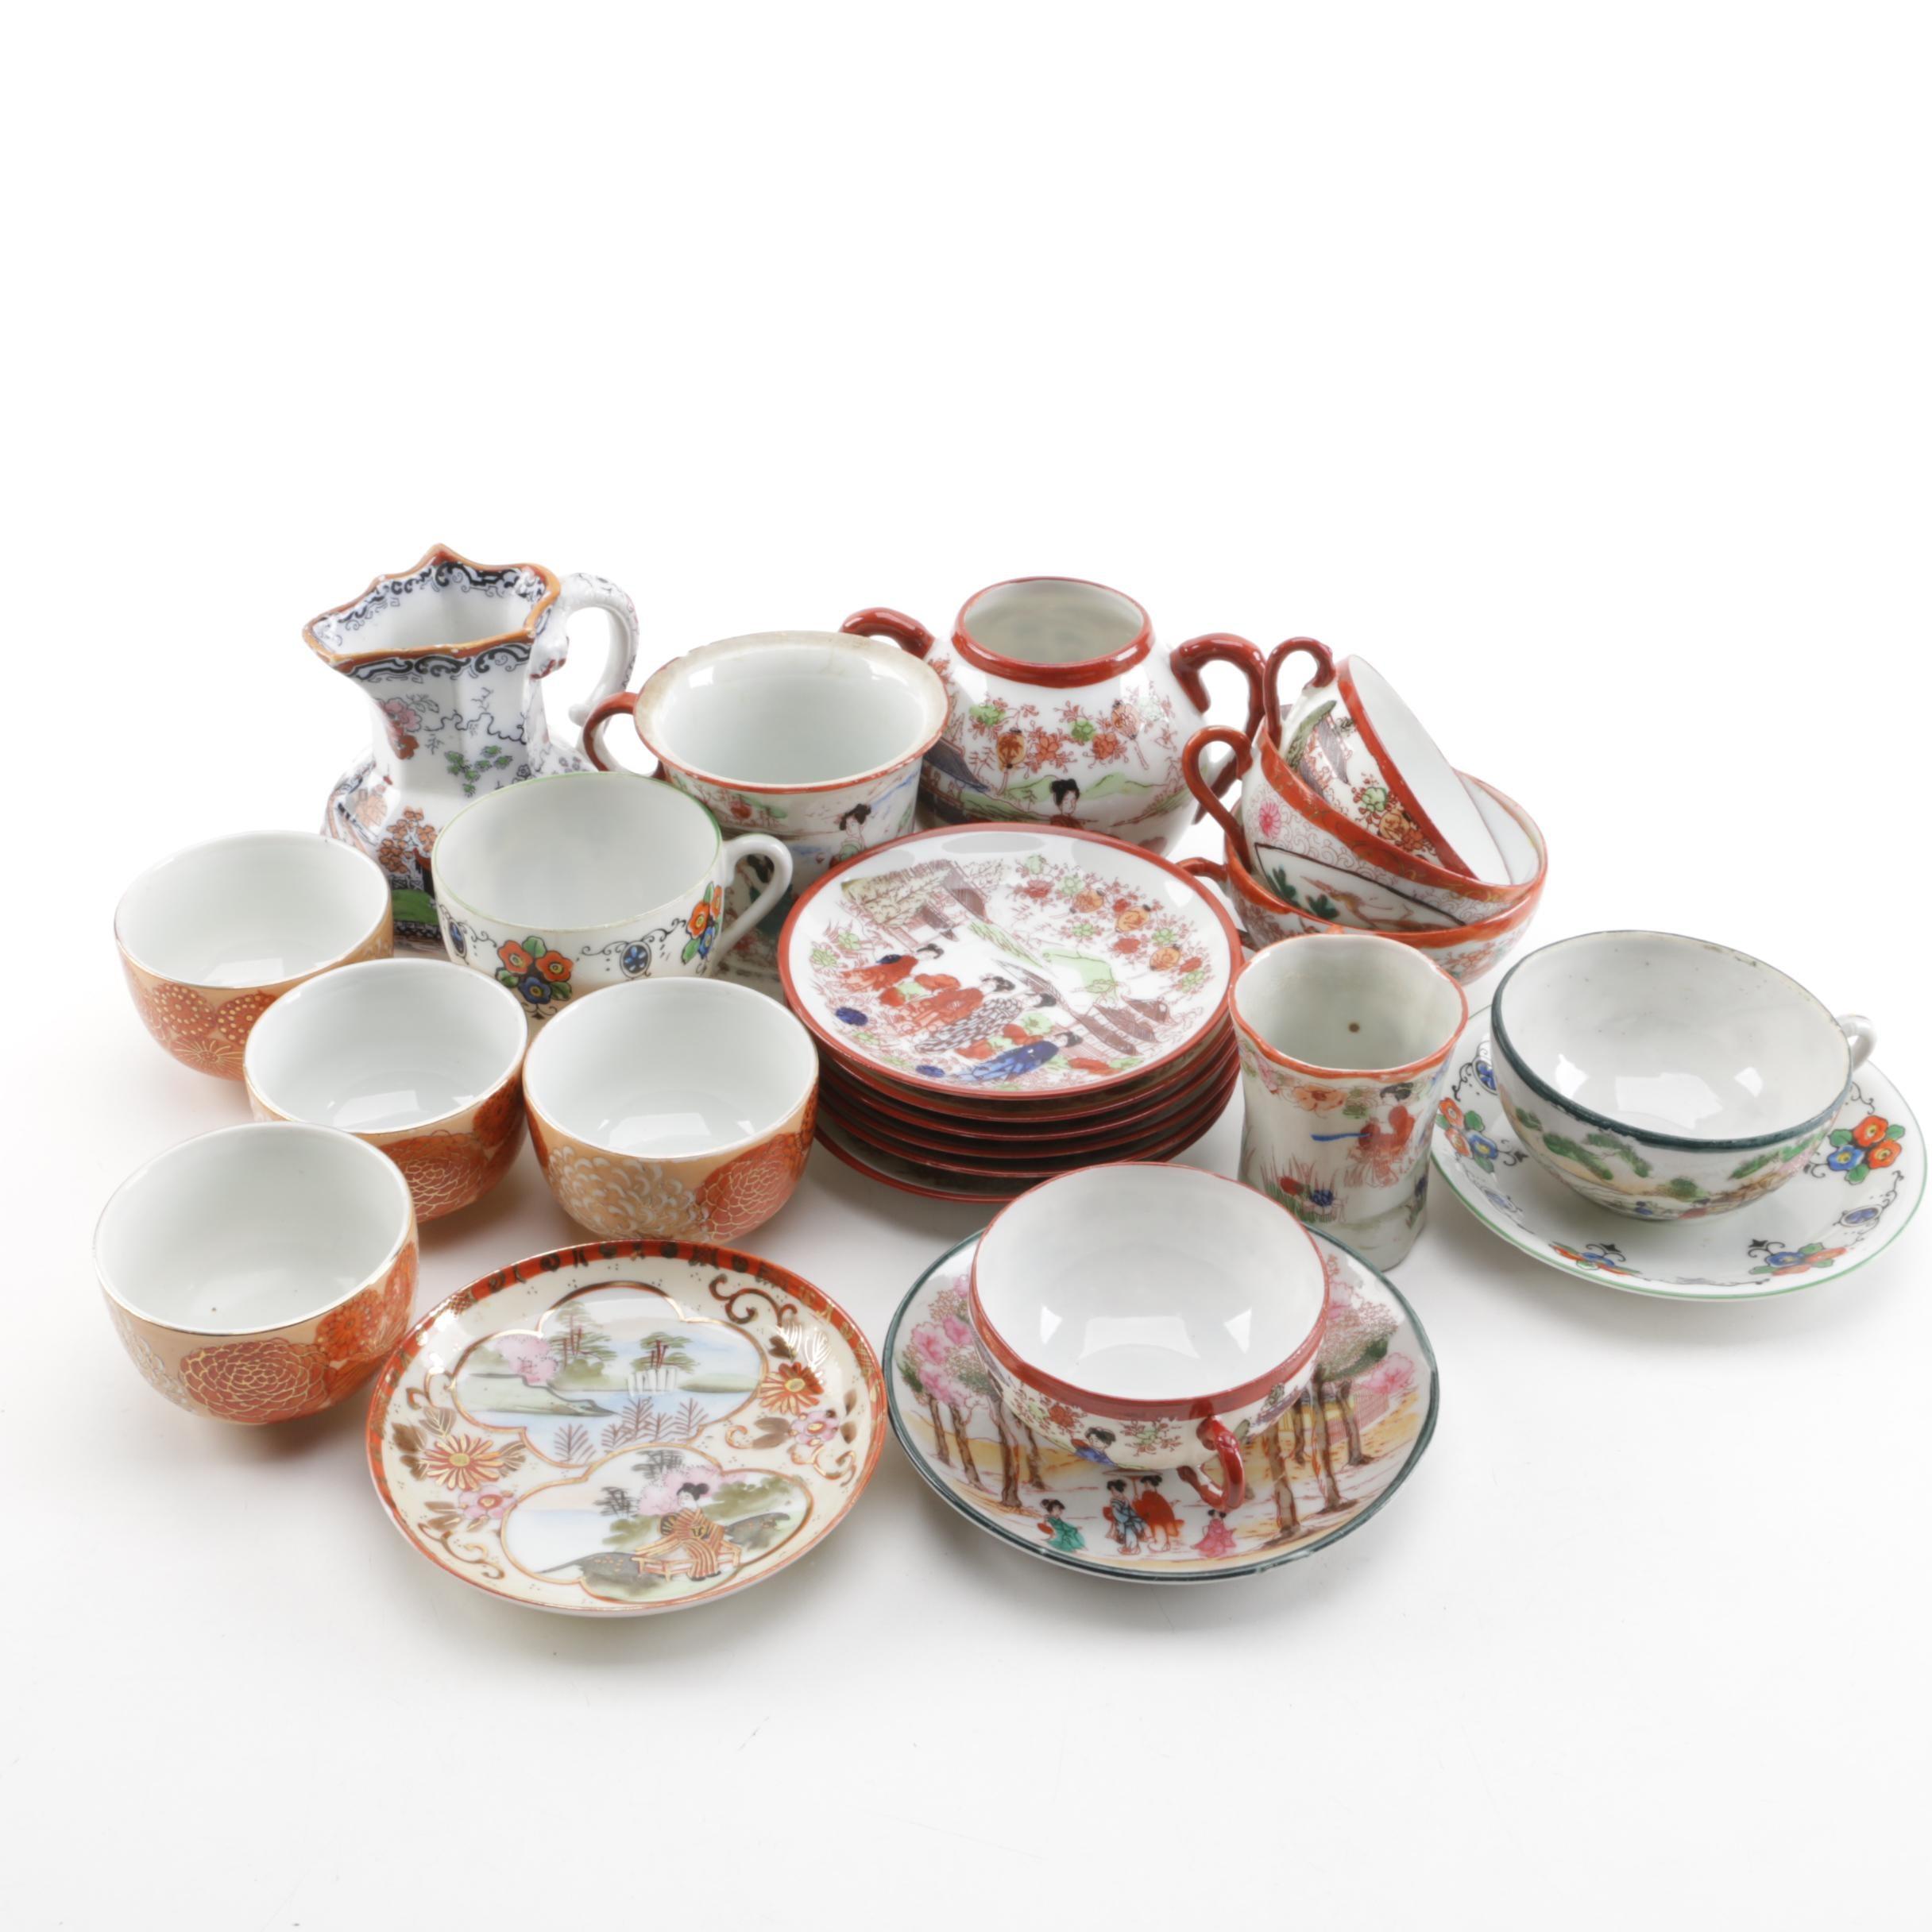 Vintage Japanese Porcelain Dinnerware ...  sc 1 st  EBTH.com & Vintage Japanese Porcelain Dinnerware : EBTH